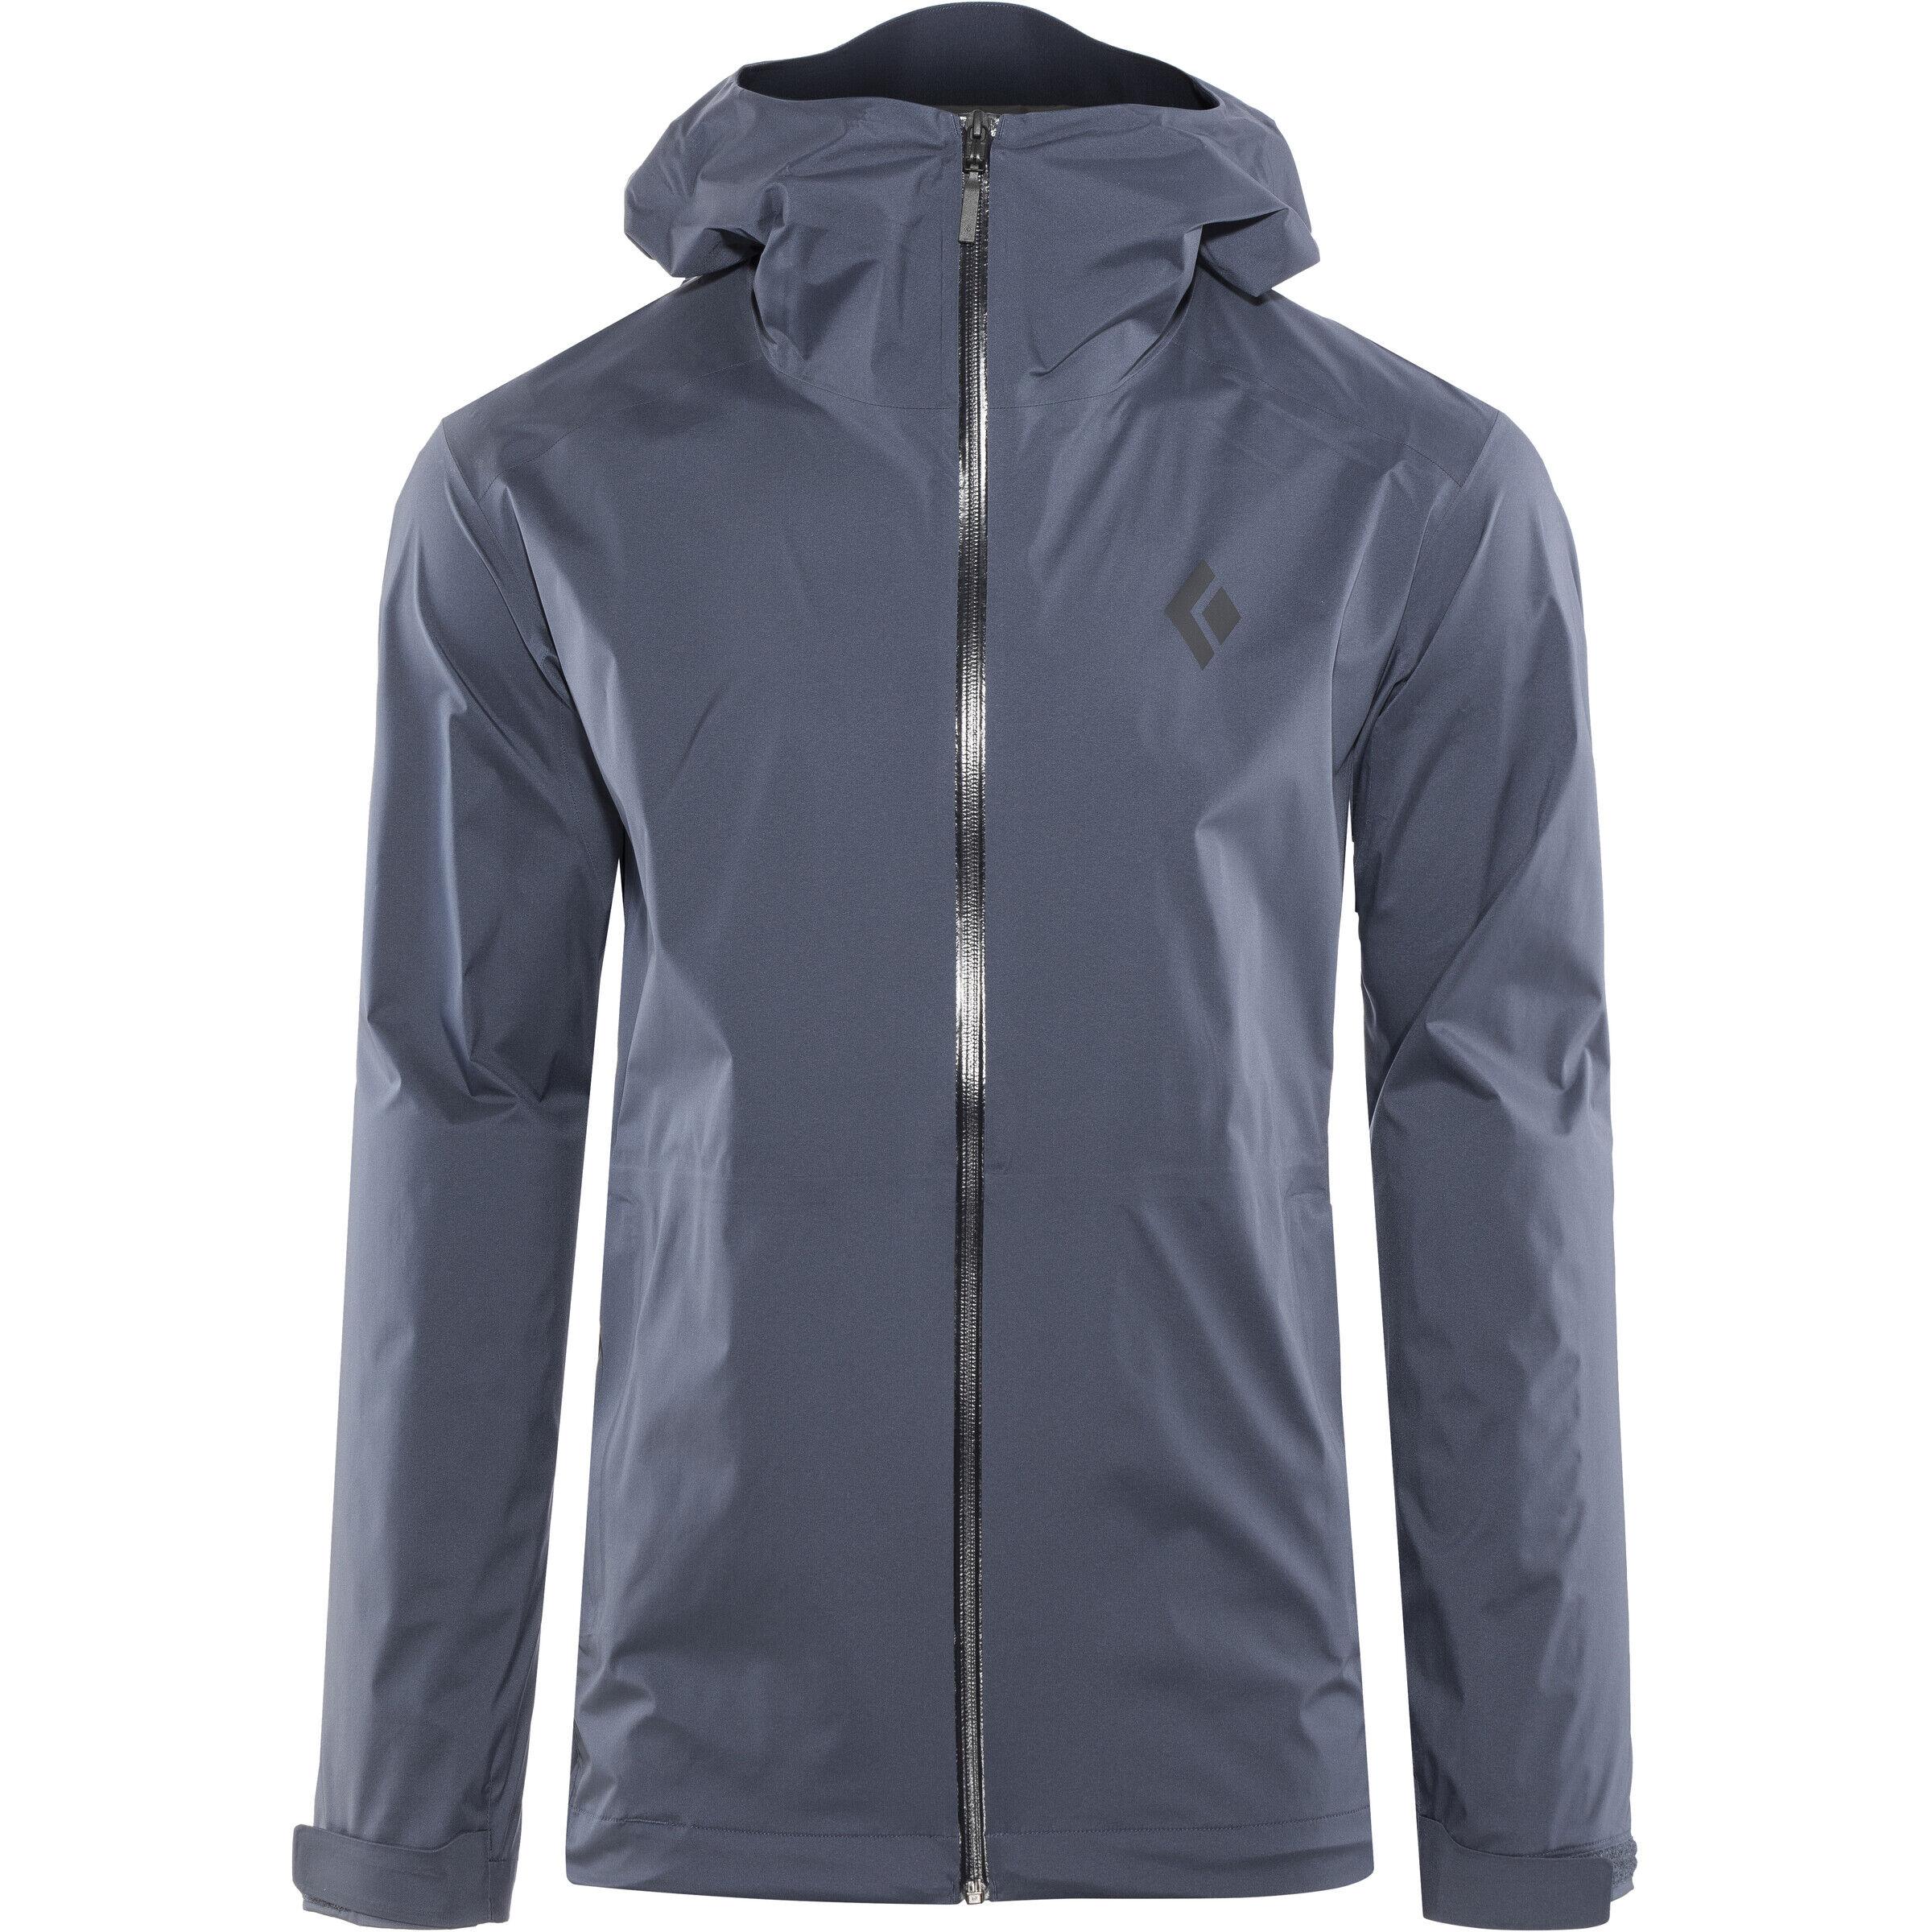 Jacken Outlet & Jacken Sale | Marken Jacken reduziert |